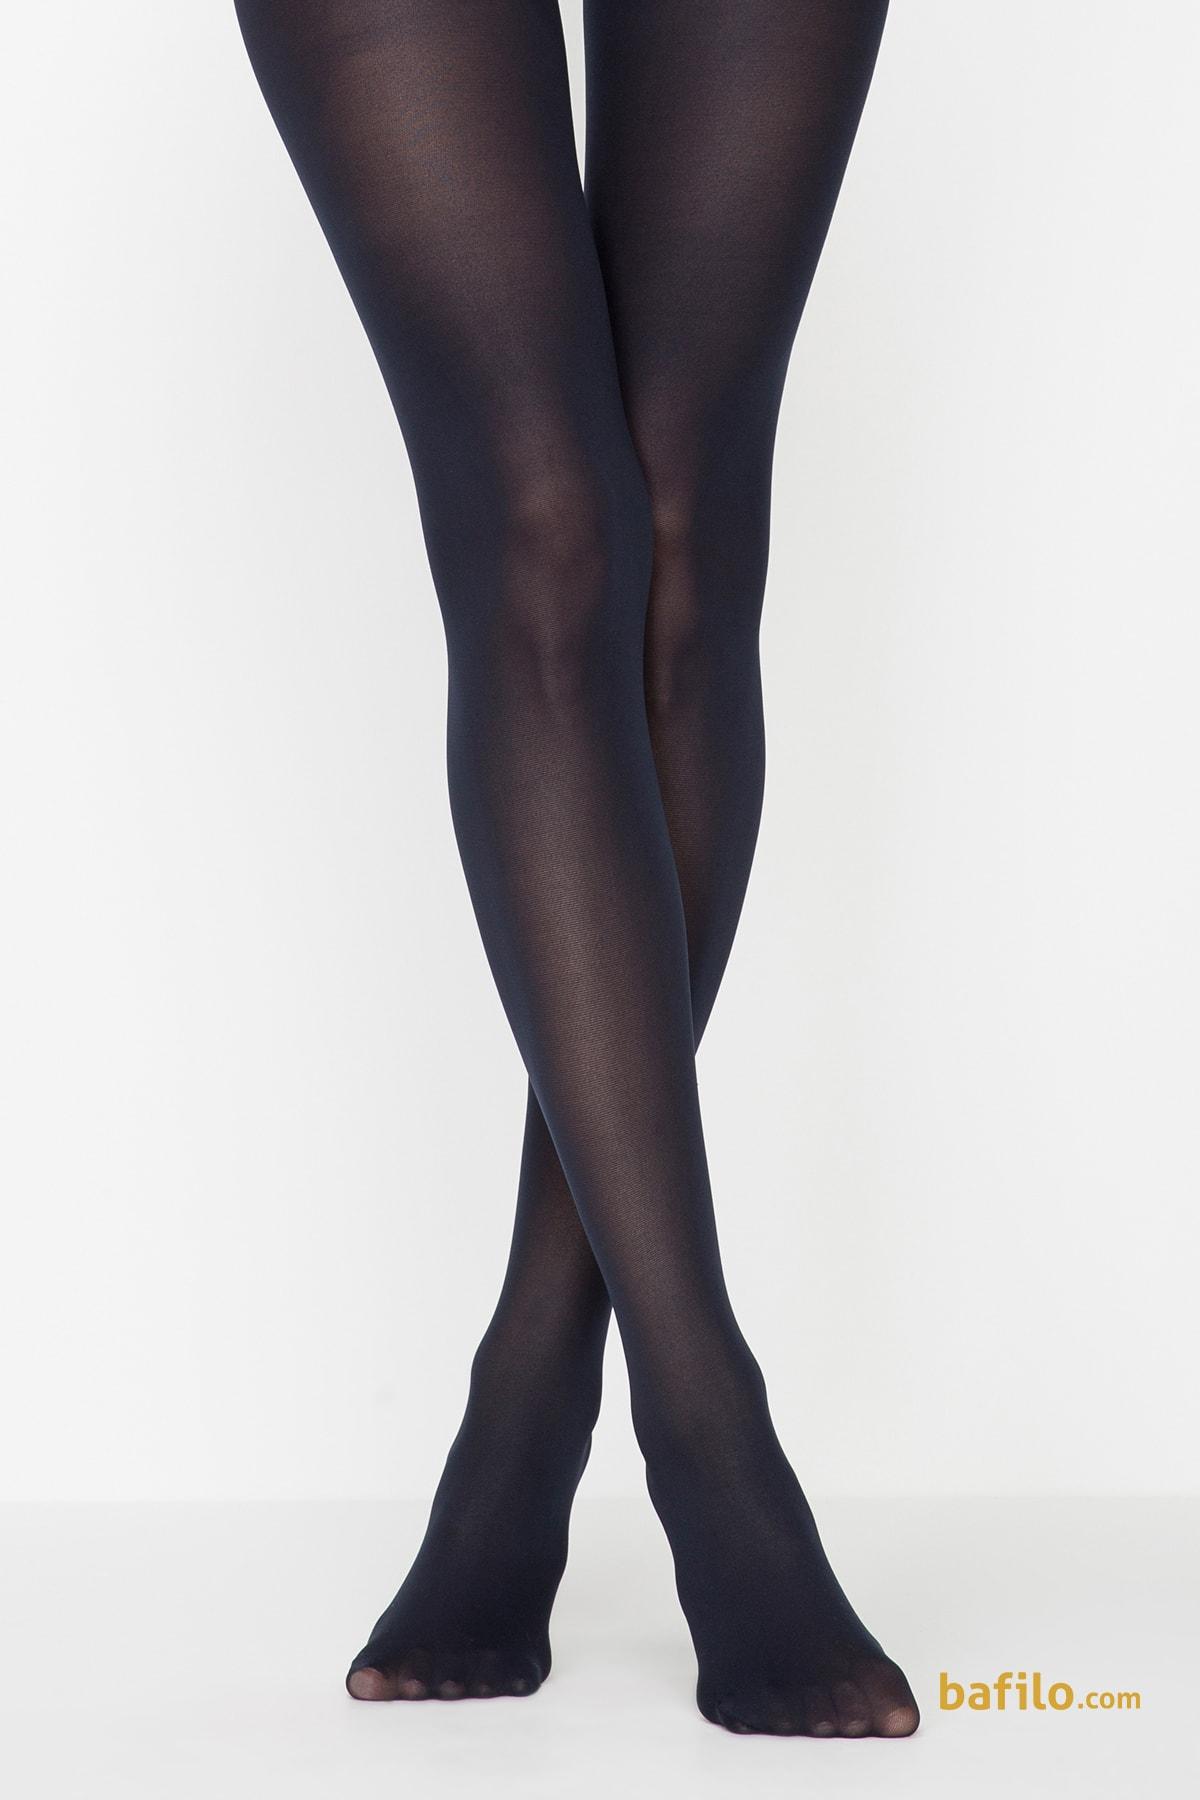 پنتی | Penti - جوراب شلواری زنانه پنتی Mikro 40 سرمه ای